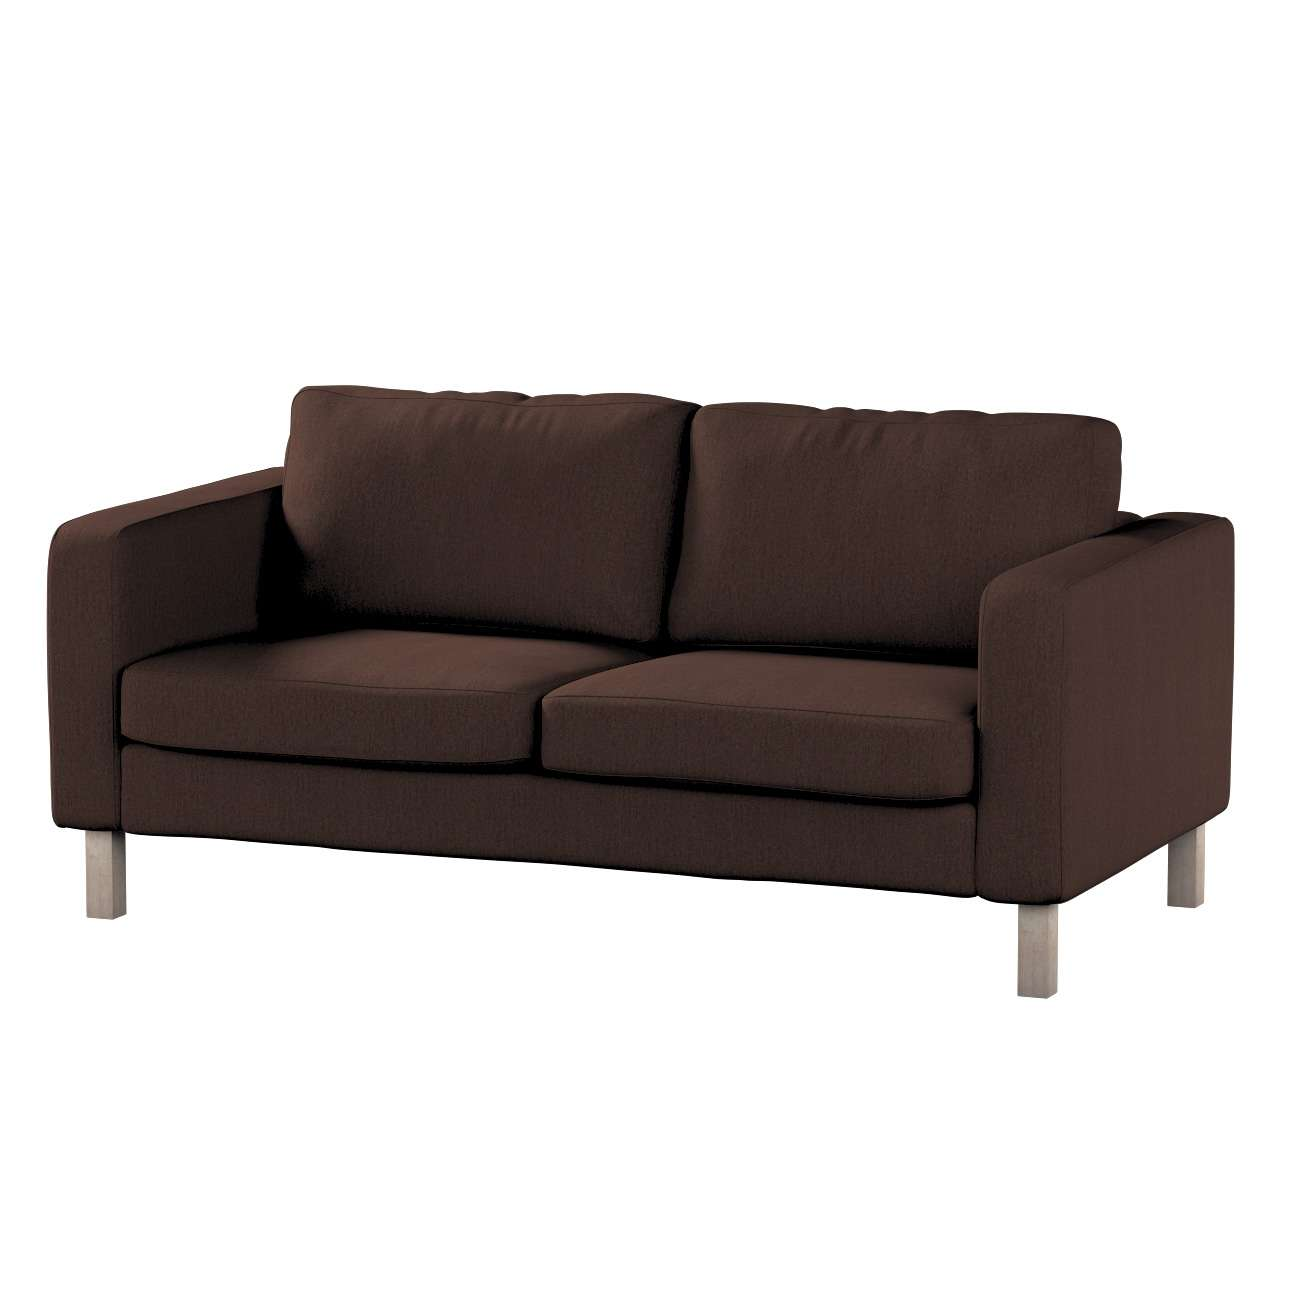 Pokrowiec na sofę Karlstad 2-osobową nierozkładaną krótki Sofa Karlstad 2-osobowa w kolekcji Chenille, tkanina: 702-18